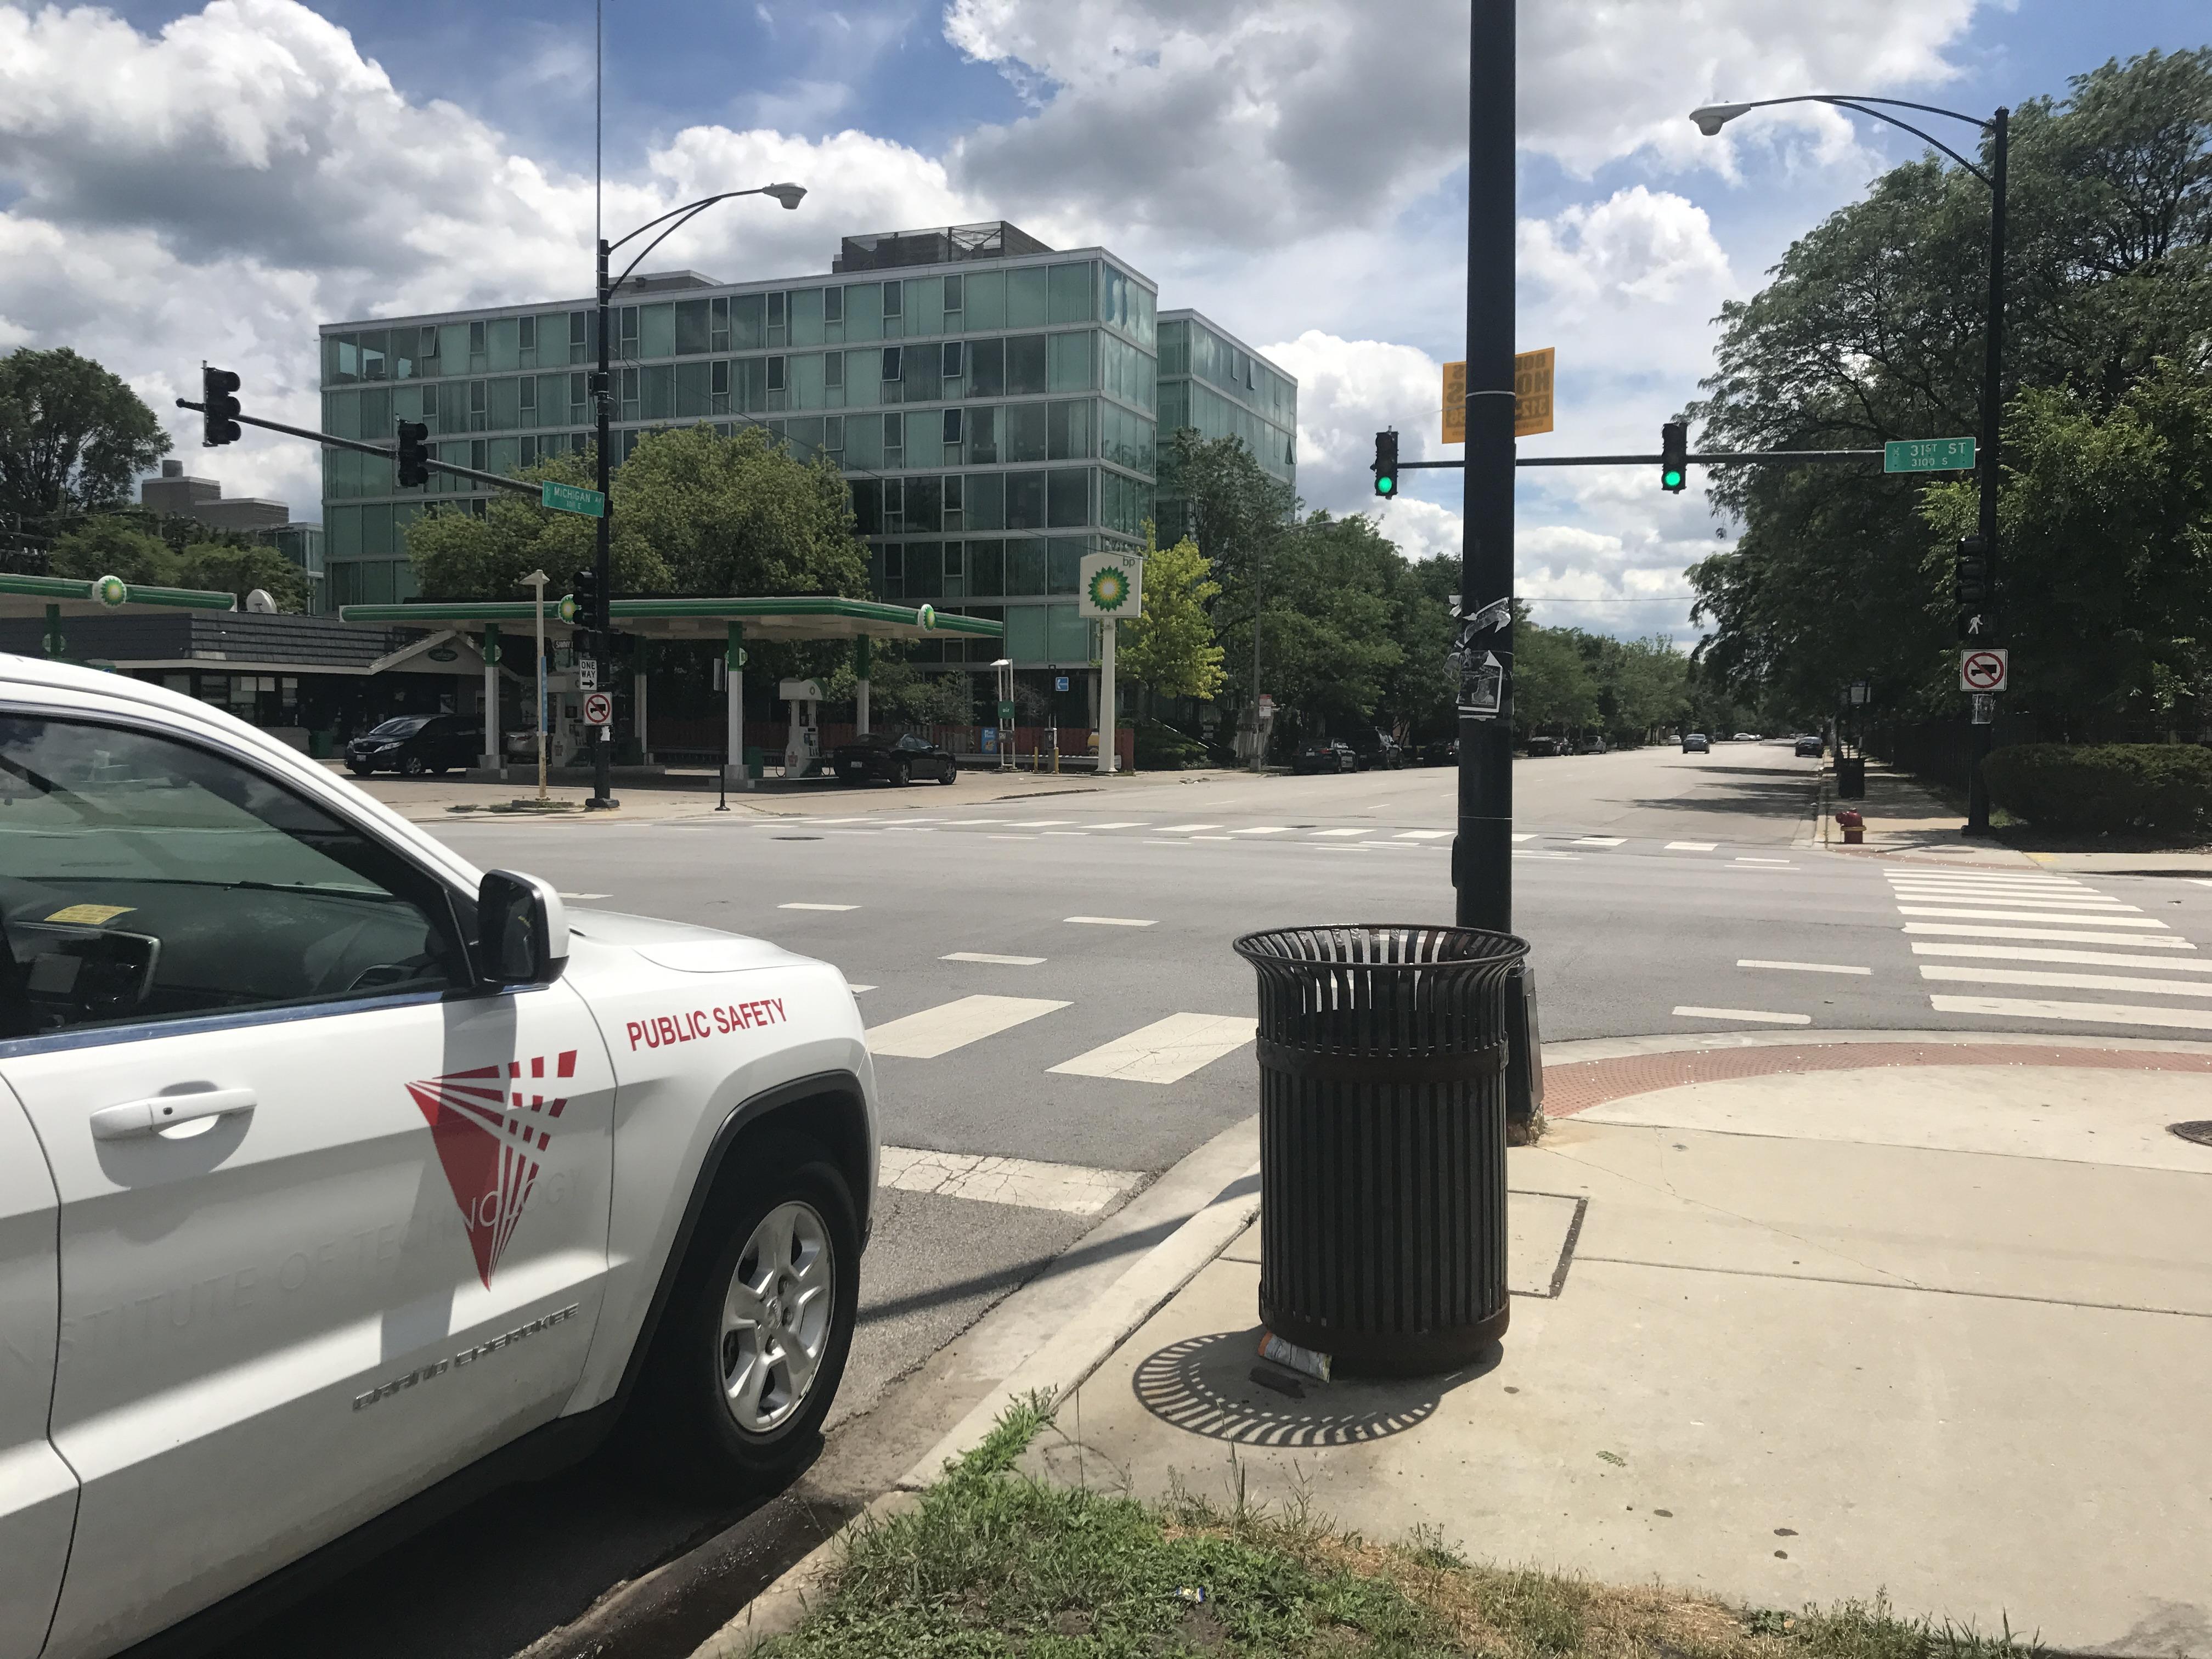 IIT校園的31街與密西根大道路口,17日下午發生亞裔女疑似遭綁架案,而該地點定期都有校警駐守。(記者黃惠玲/攝影)